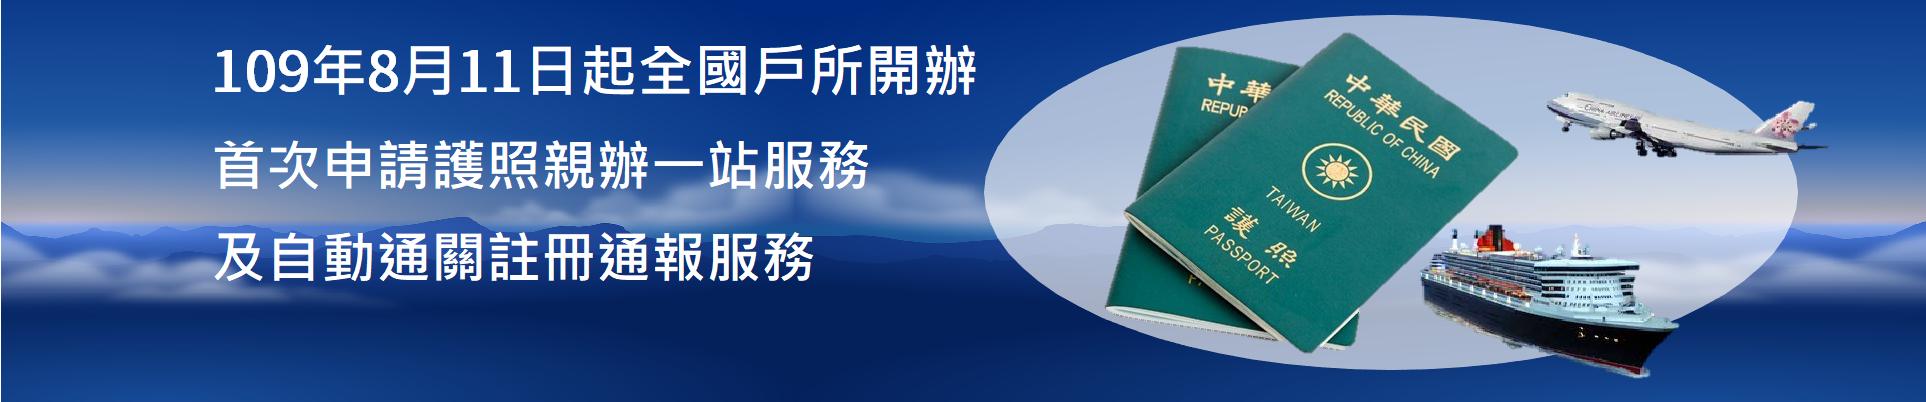 109年8月11日起全國戶所開辦首次申請護照親辦一站服務與自動通關註冊通報服務圖片